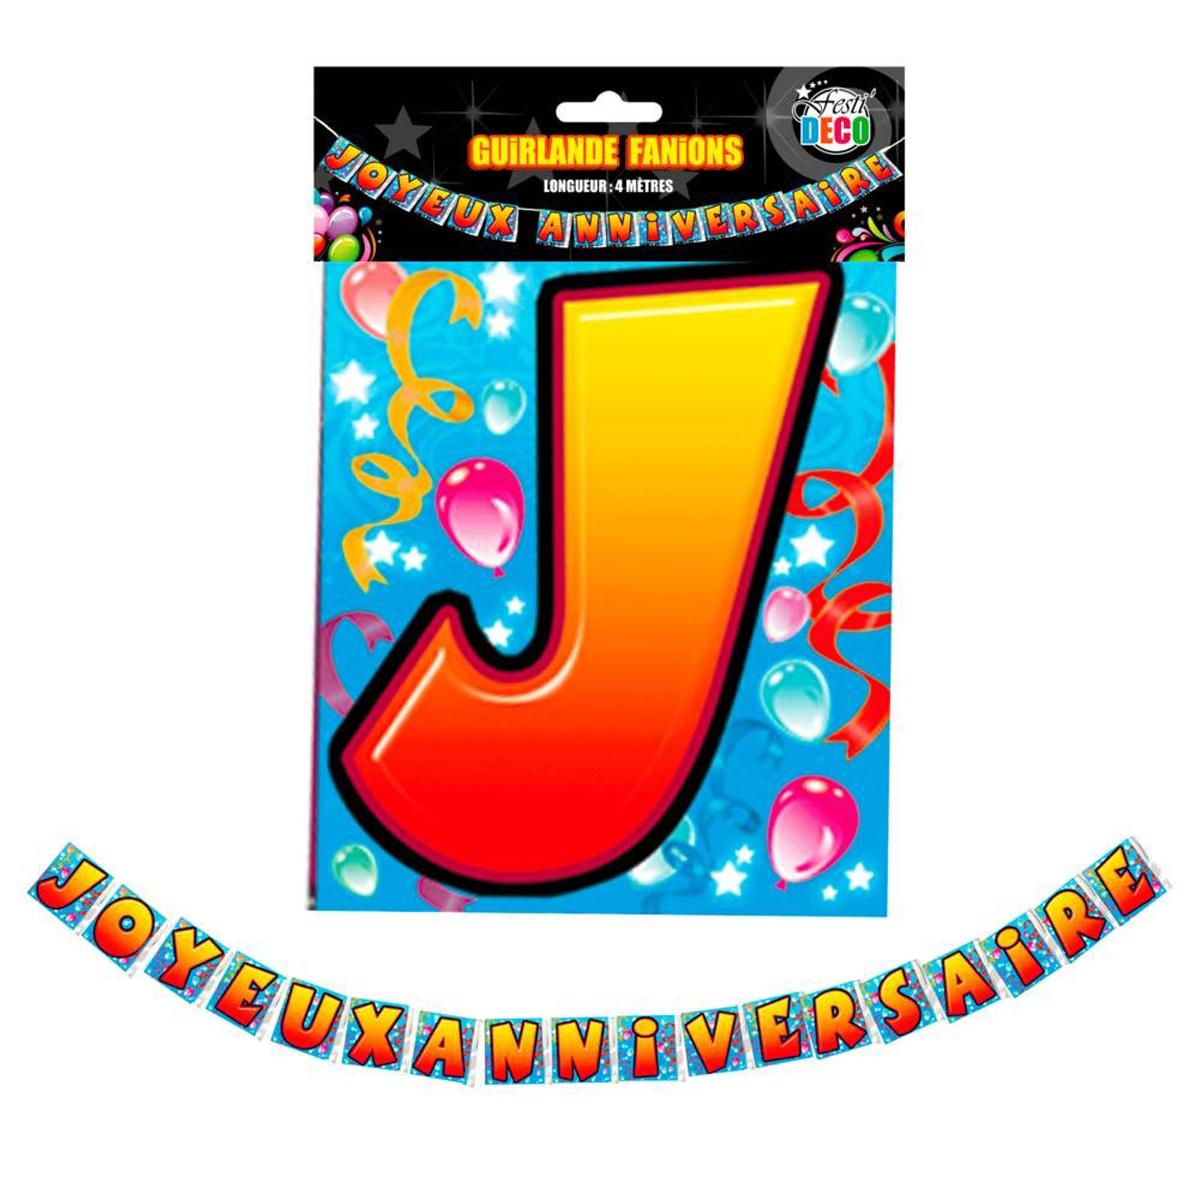 Guirlande \'Joyeux Anniversaire\' multicolore - 4 mx175 cm - [Q2843]